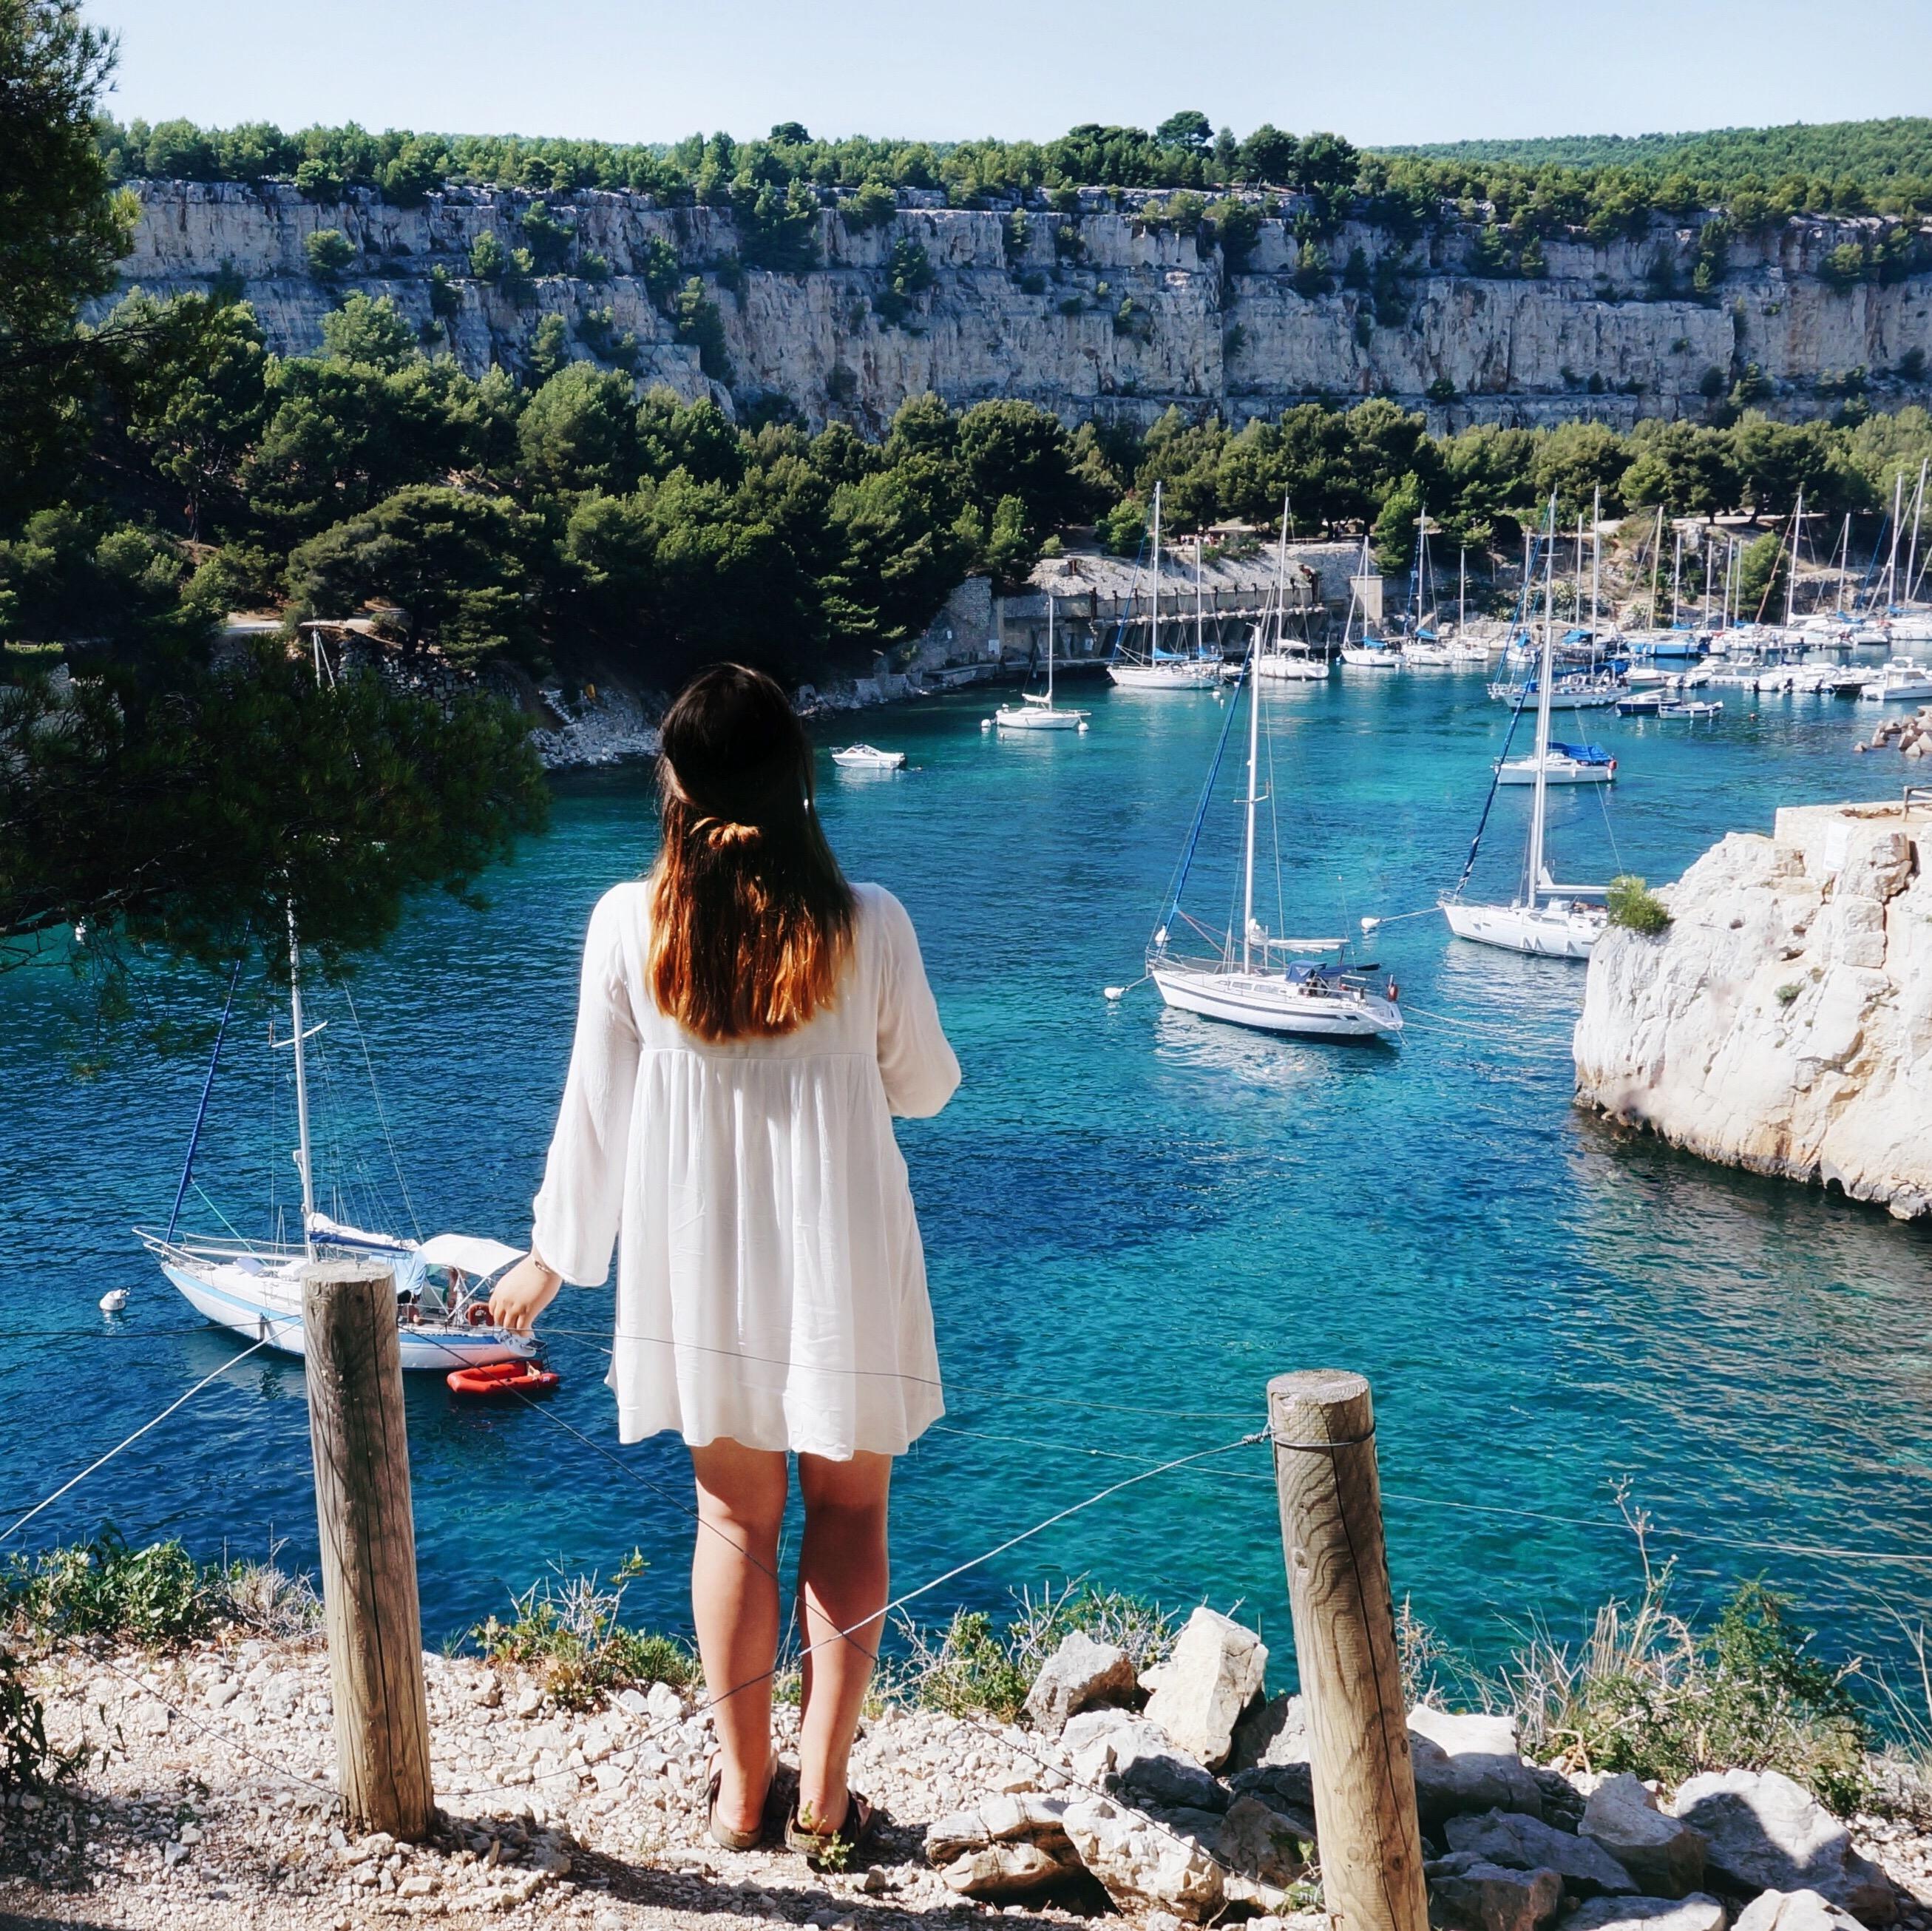 Calanques Cassis, Karibik in Frankreich, Wunderschöne Strände, Urlaub, reisen, Traumurlaub